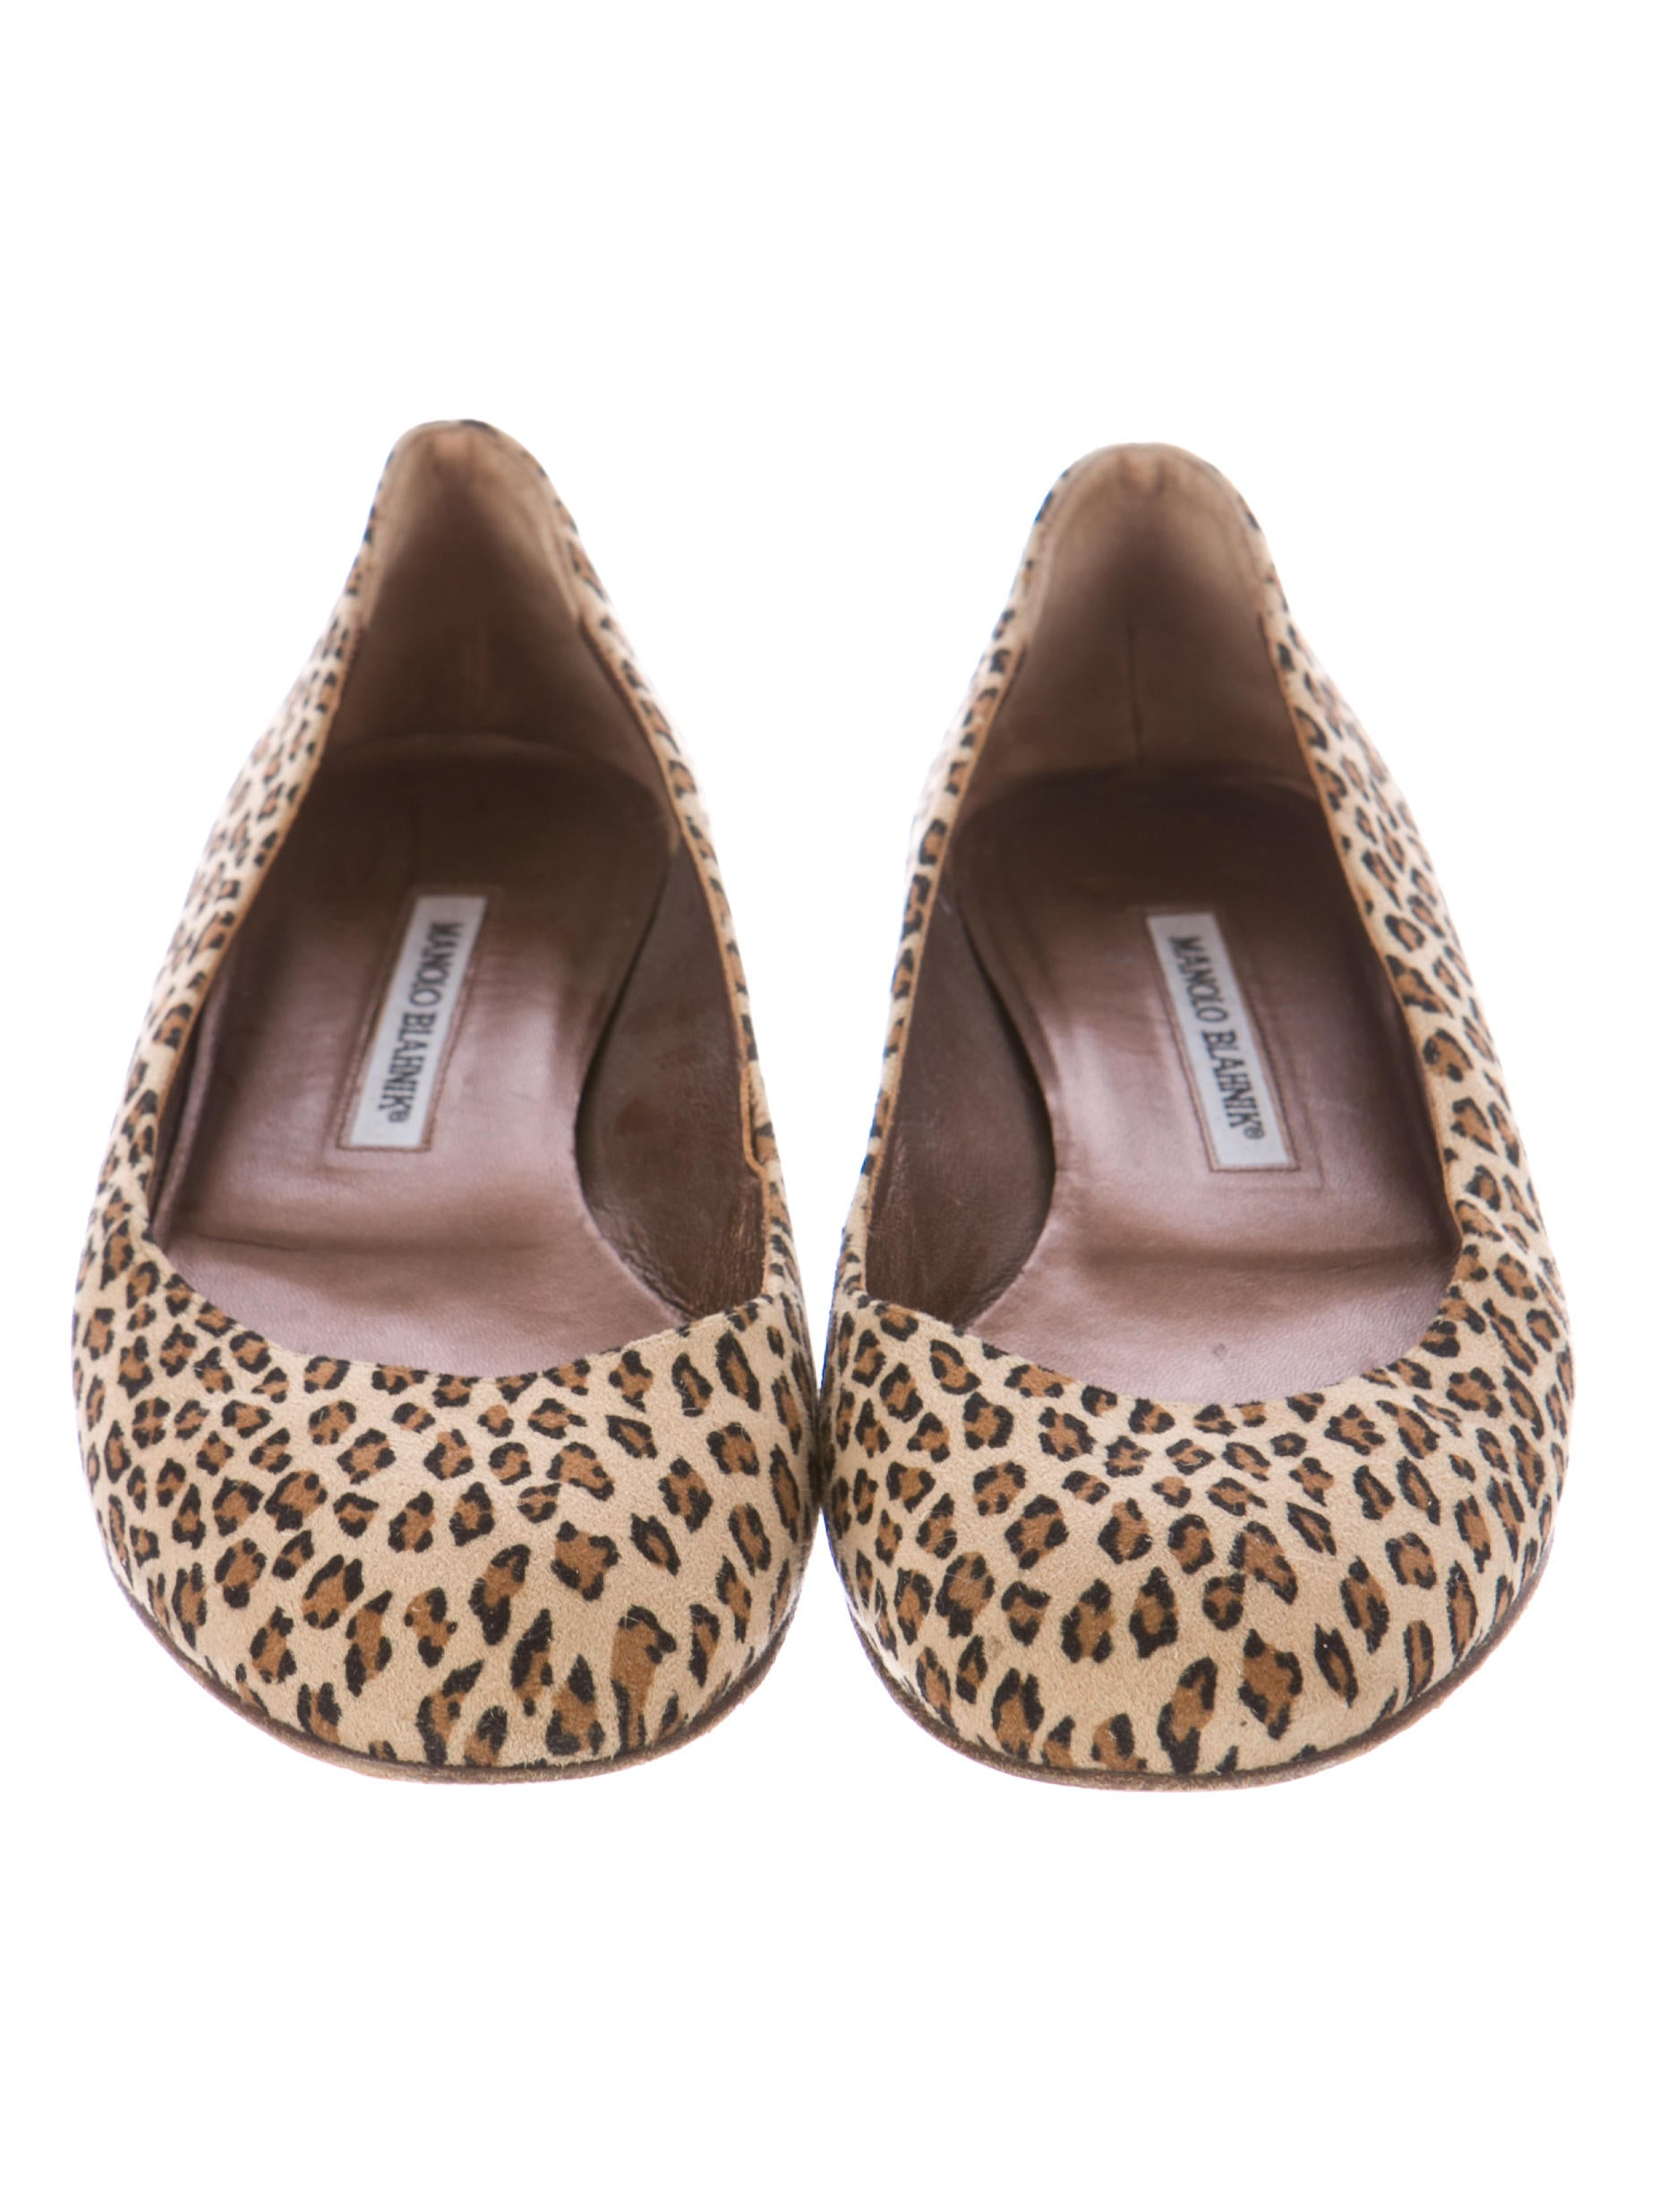 manolo blahnik leopard flats